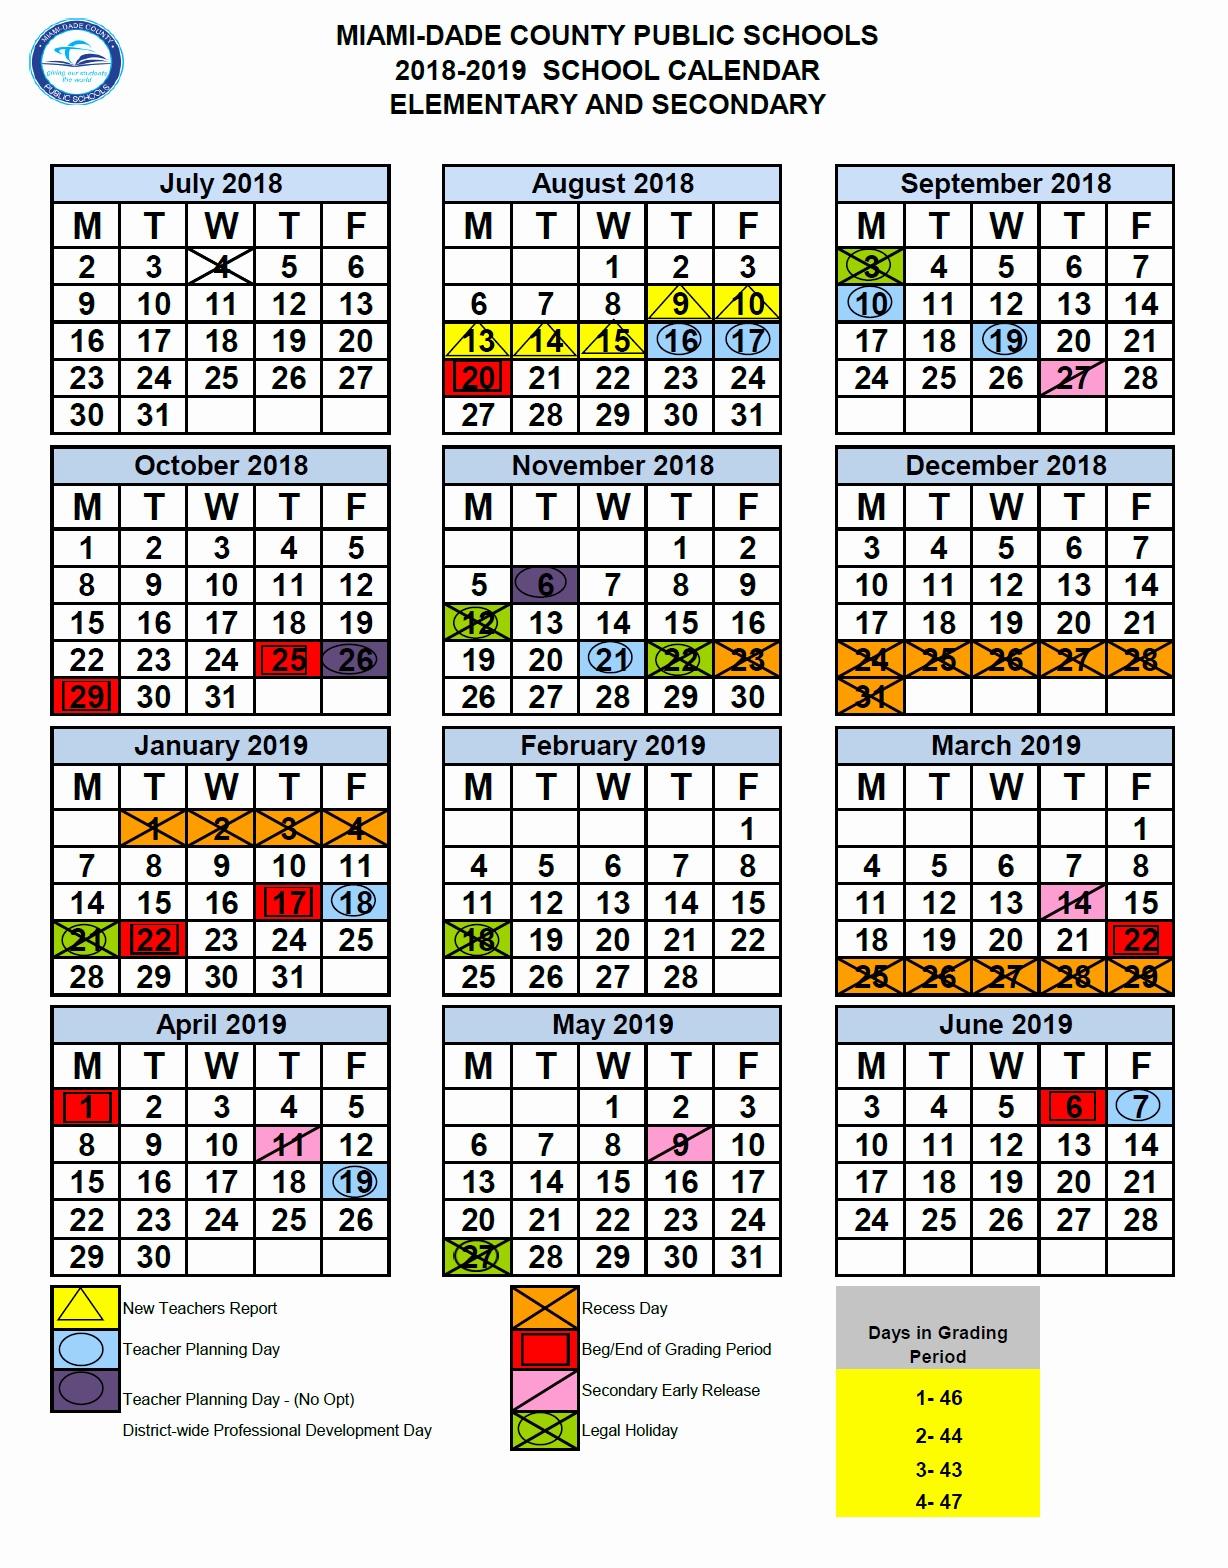 2020 And 2021 School Calendar Miami Dade With Regard To Las Cruces Public Schools Calendar 2021 2020